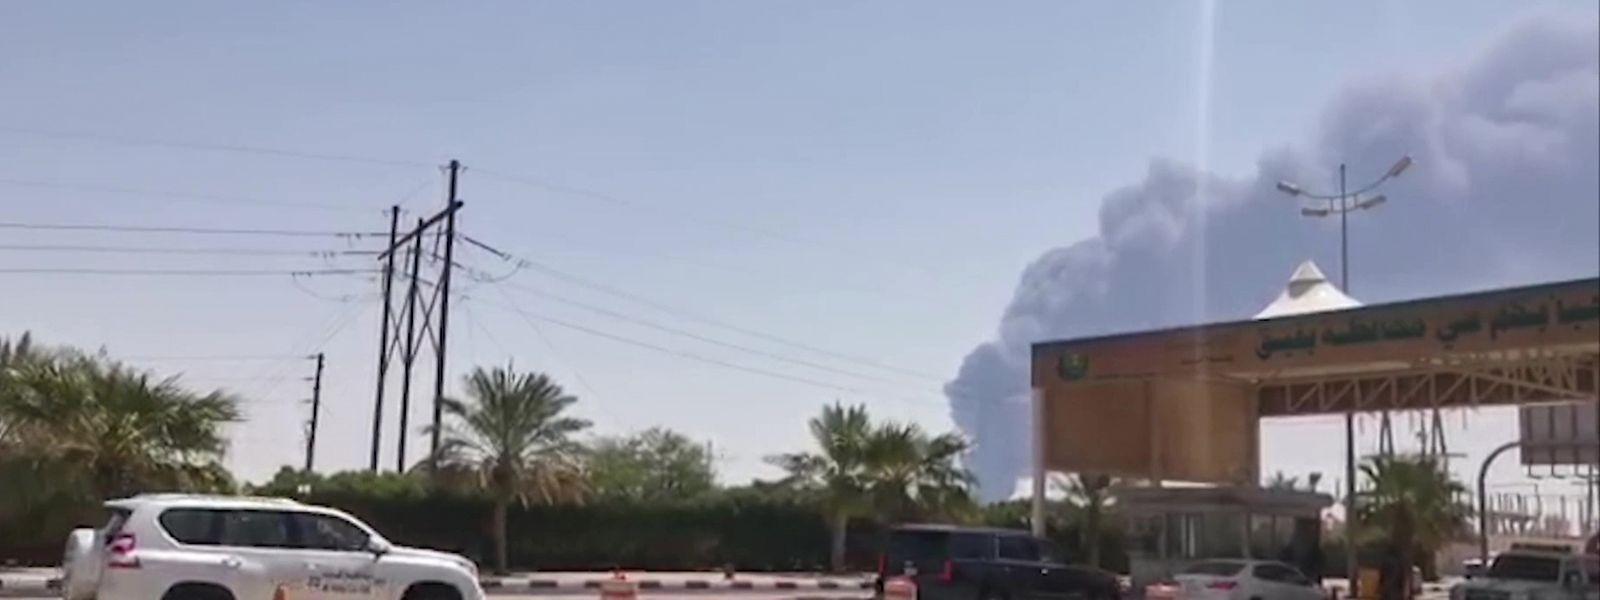 Dichte Rauchschwaden über der weltweit größten Ölverarbeitungsanlage.